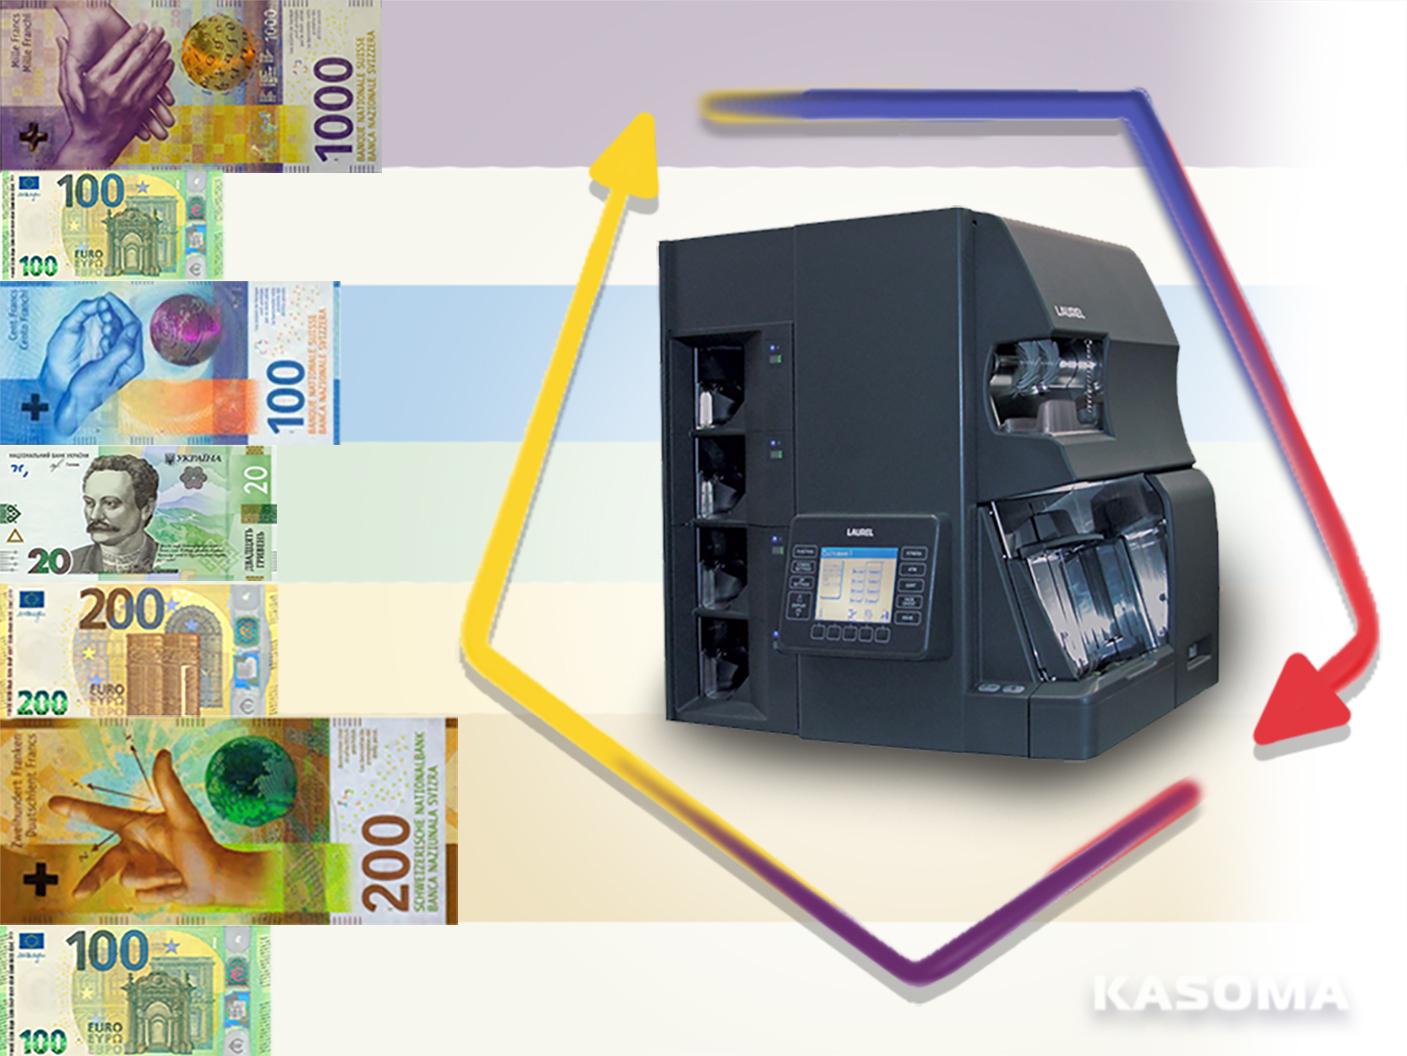 Обновление Laurel K4 на 100, 200 евро